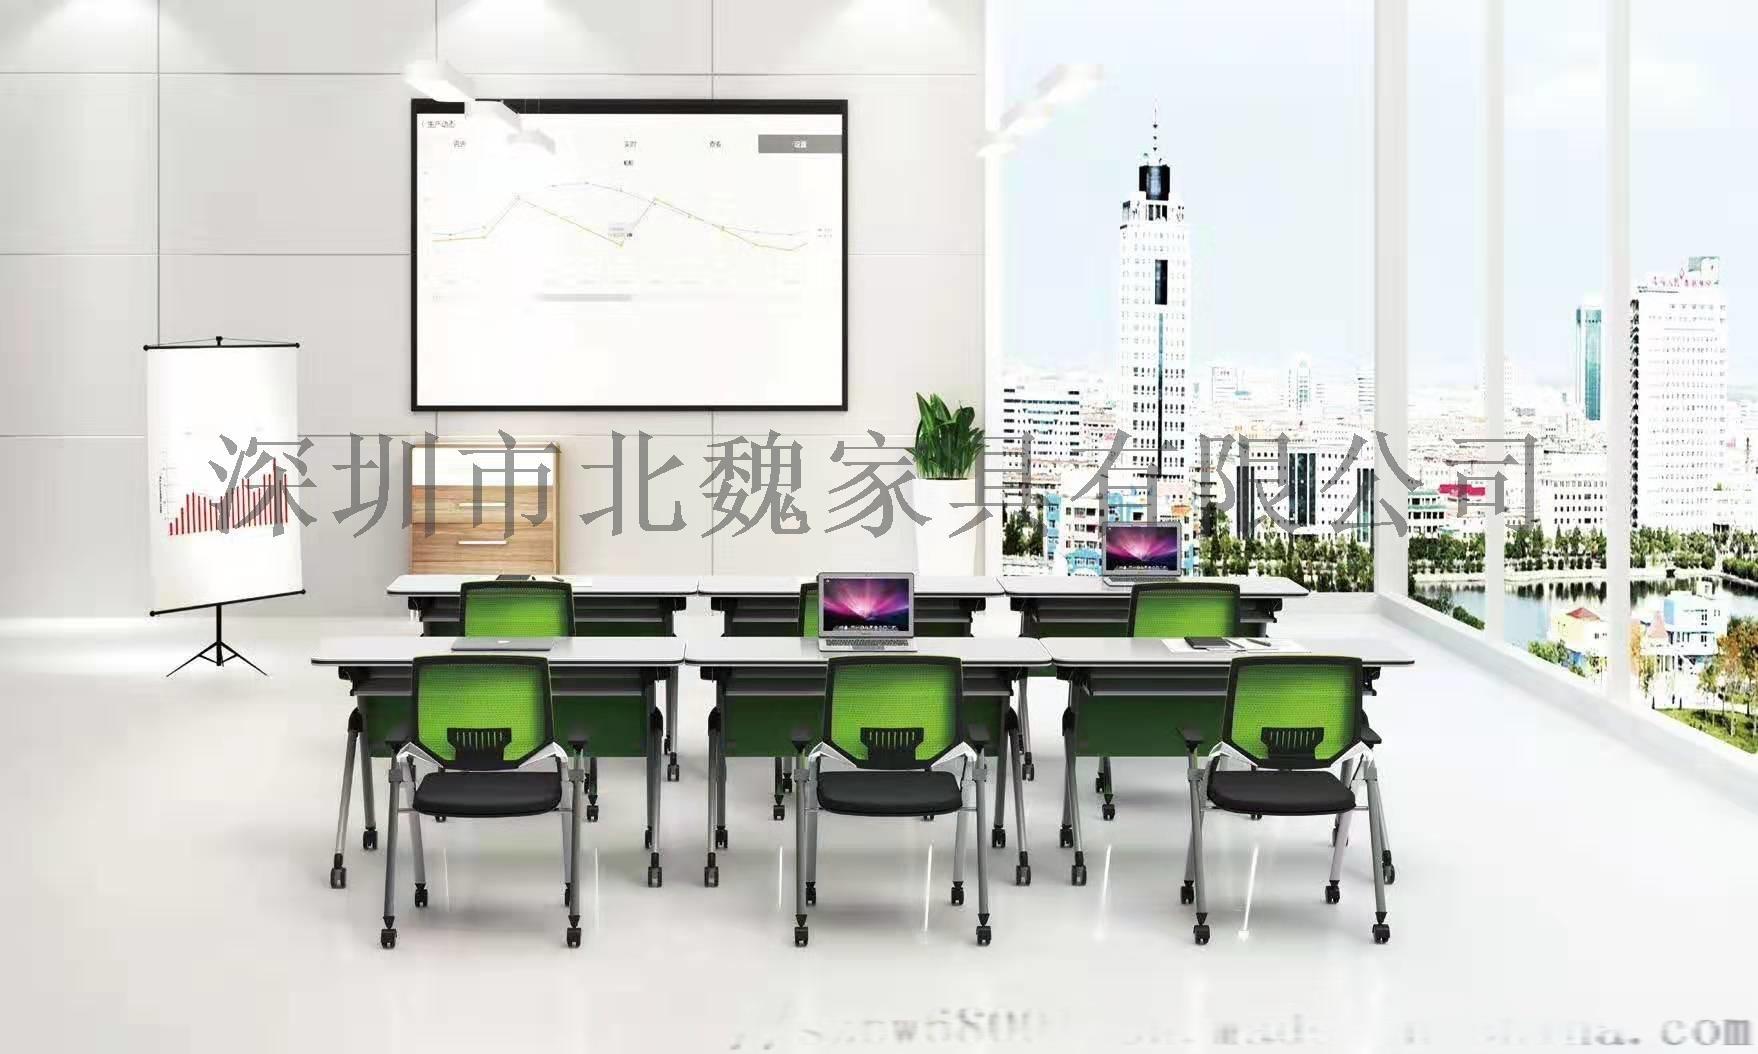 培训班折叠桌椅-员工折叠培训桌椅-可移动培训桌椅123205515